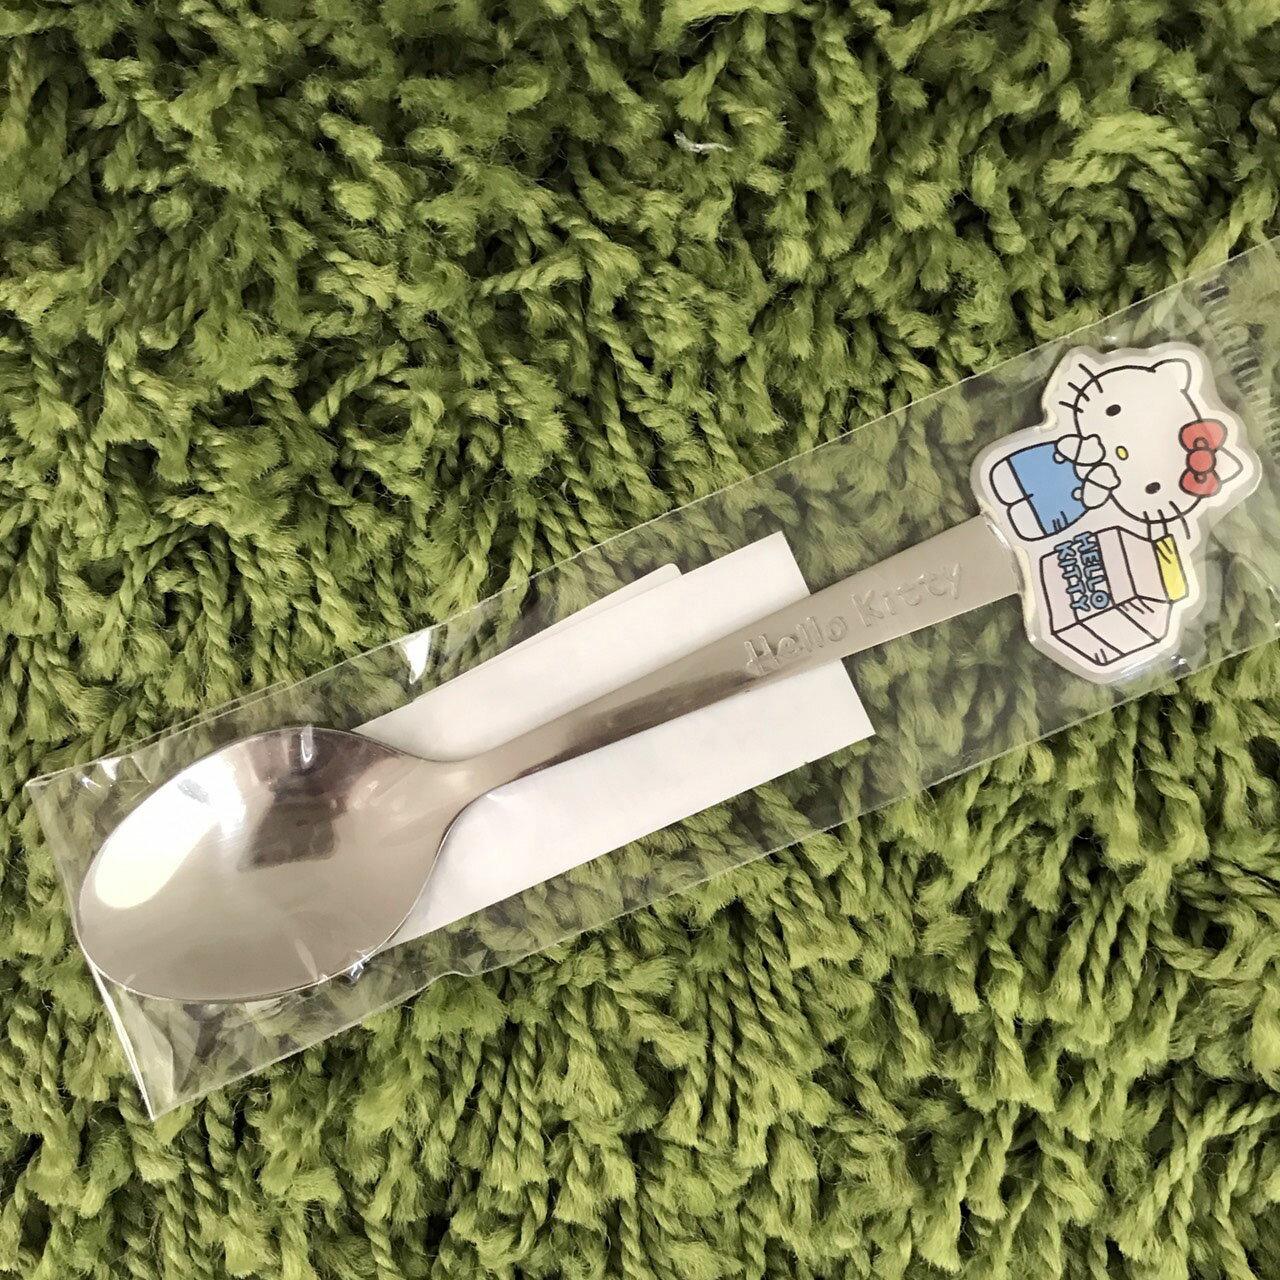 【真愛日本】17111600045 不鏽鋼造型湯匙-KT牛奶盒 三麗鷗 kitty 凱蒂貓 餐具 湯匙 廚房用品